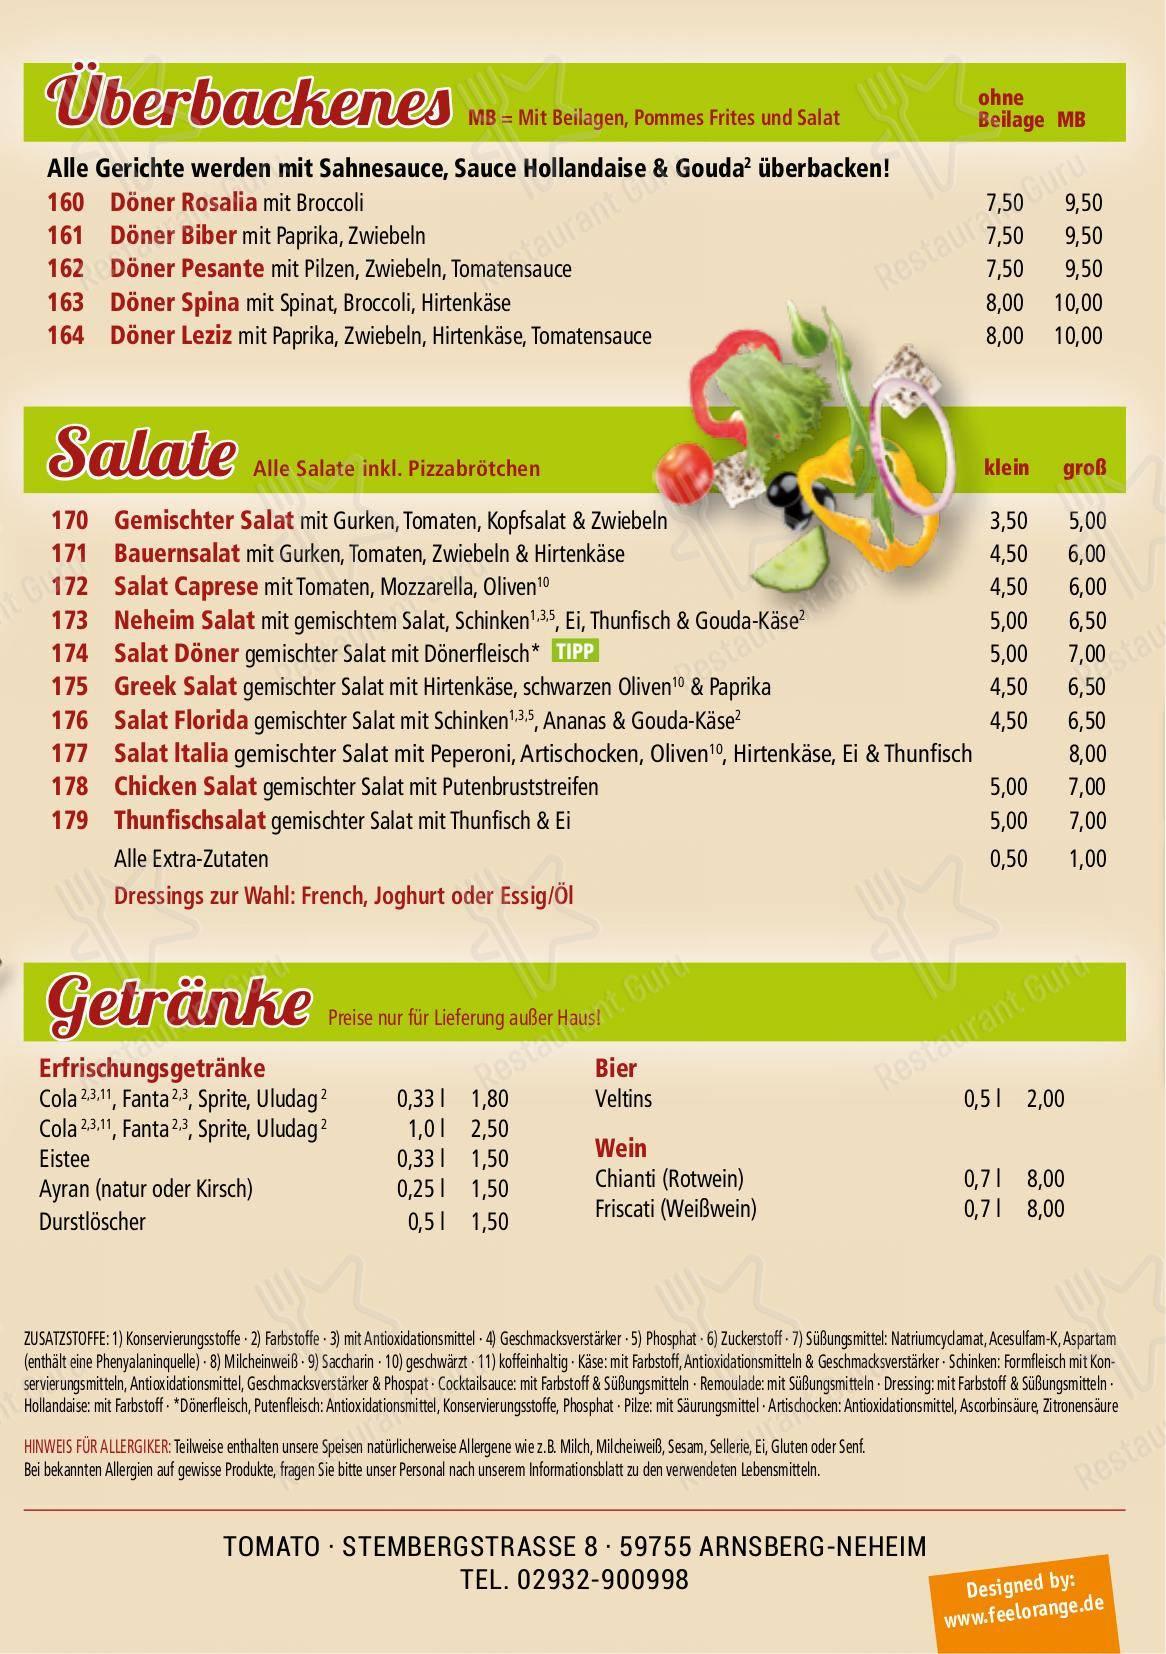 Tomato Grill In Neheim Speisekarte - Gerichte und Getränke